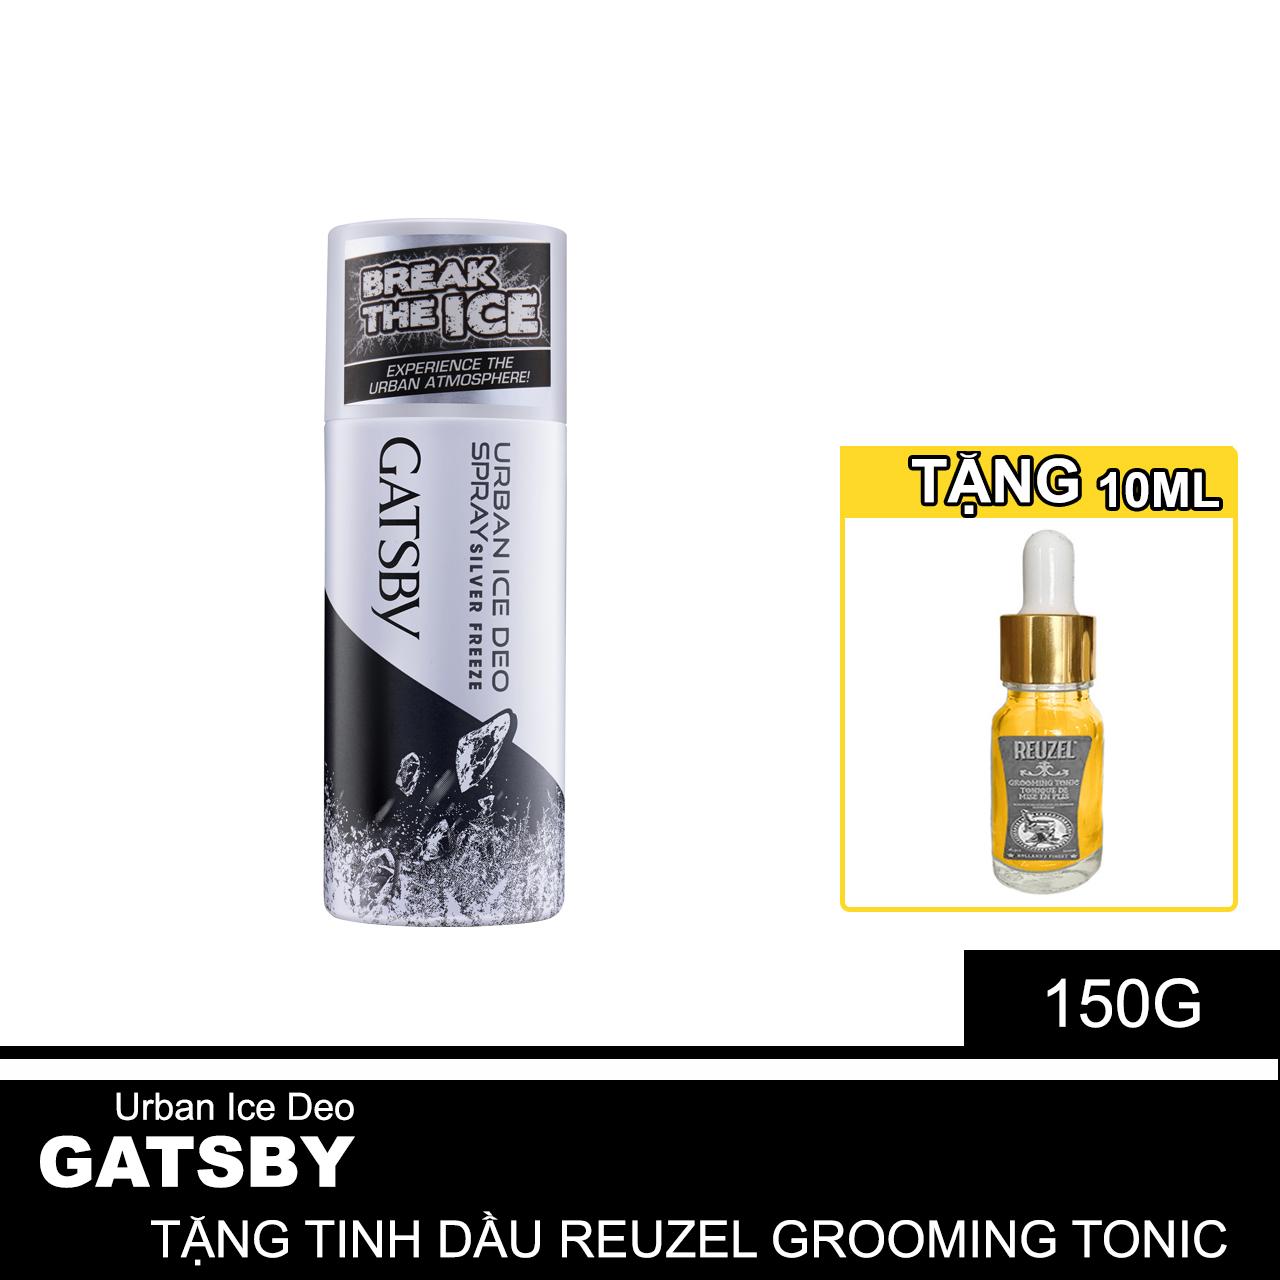 Xịt Khử Mùi Nam Gatsby Hương Nước Hoa Làm Mát Urban Ice Deo Spray 150ml + Tặng Reuzel Grooming Tonic - Chính hãng